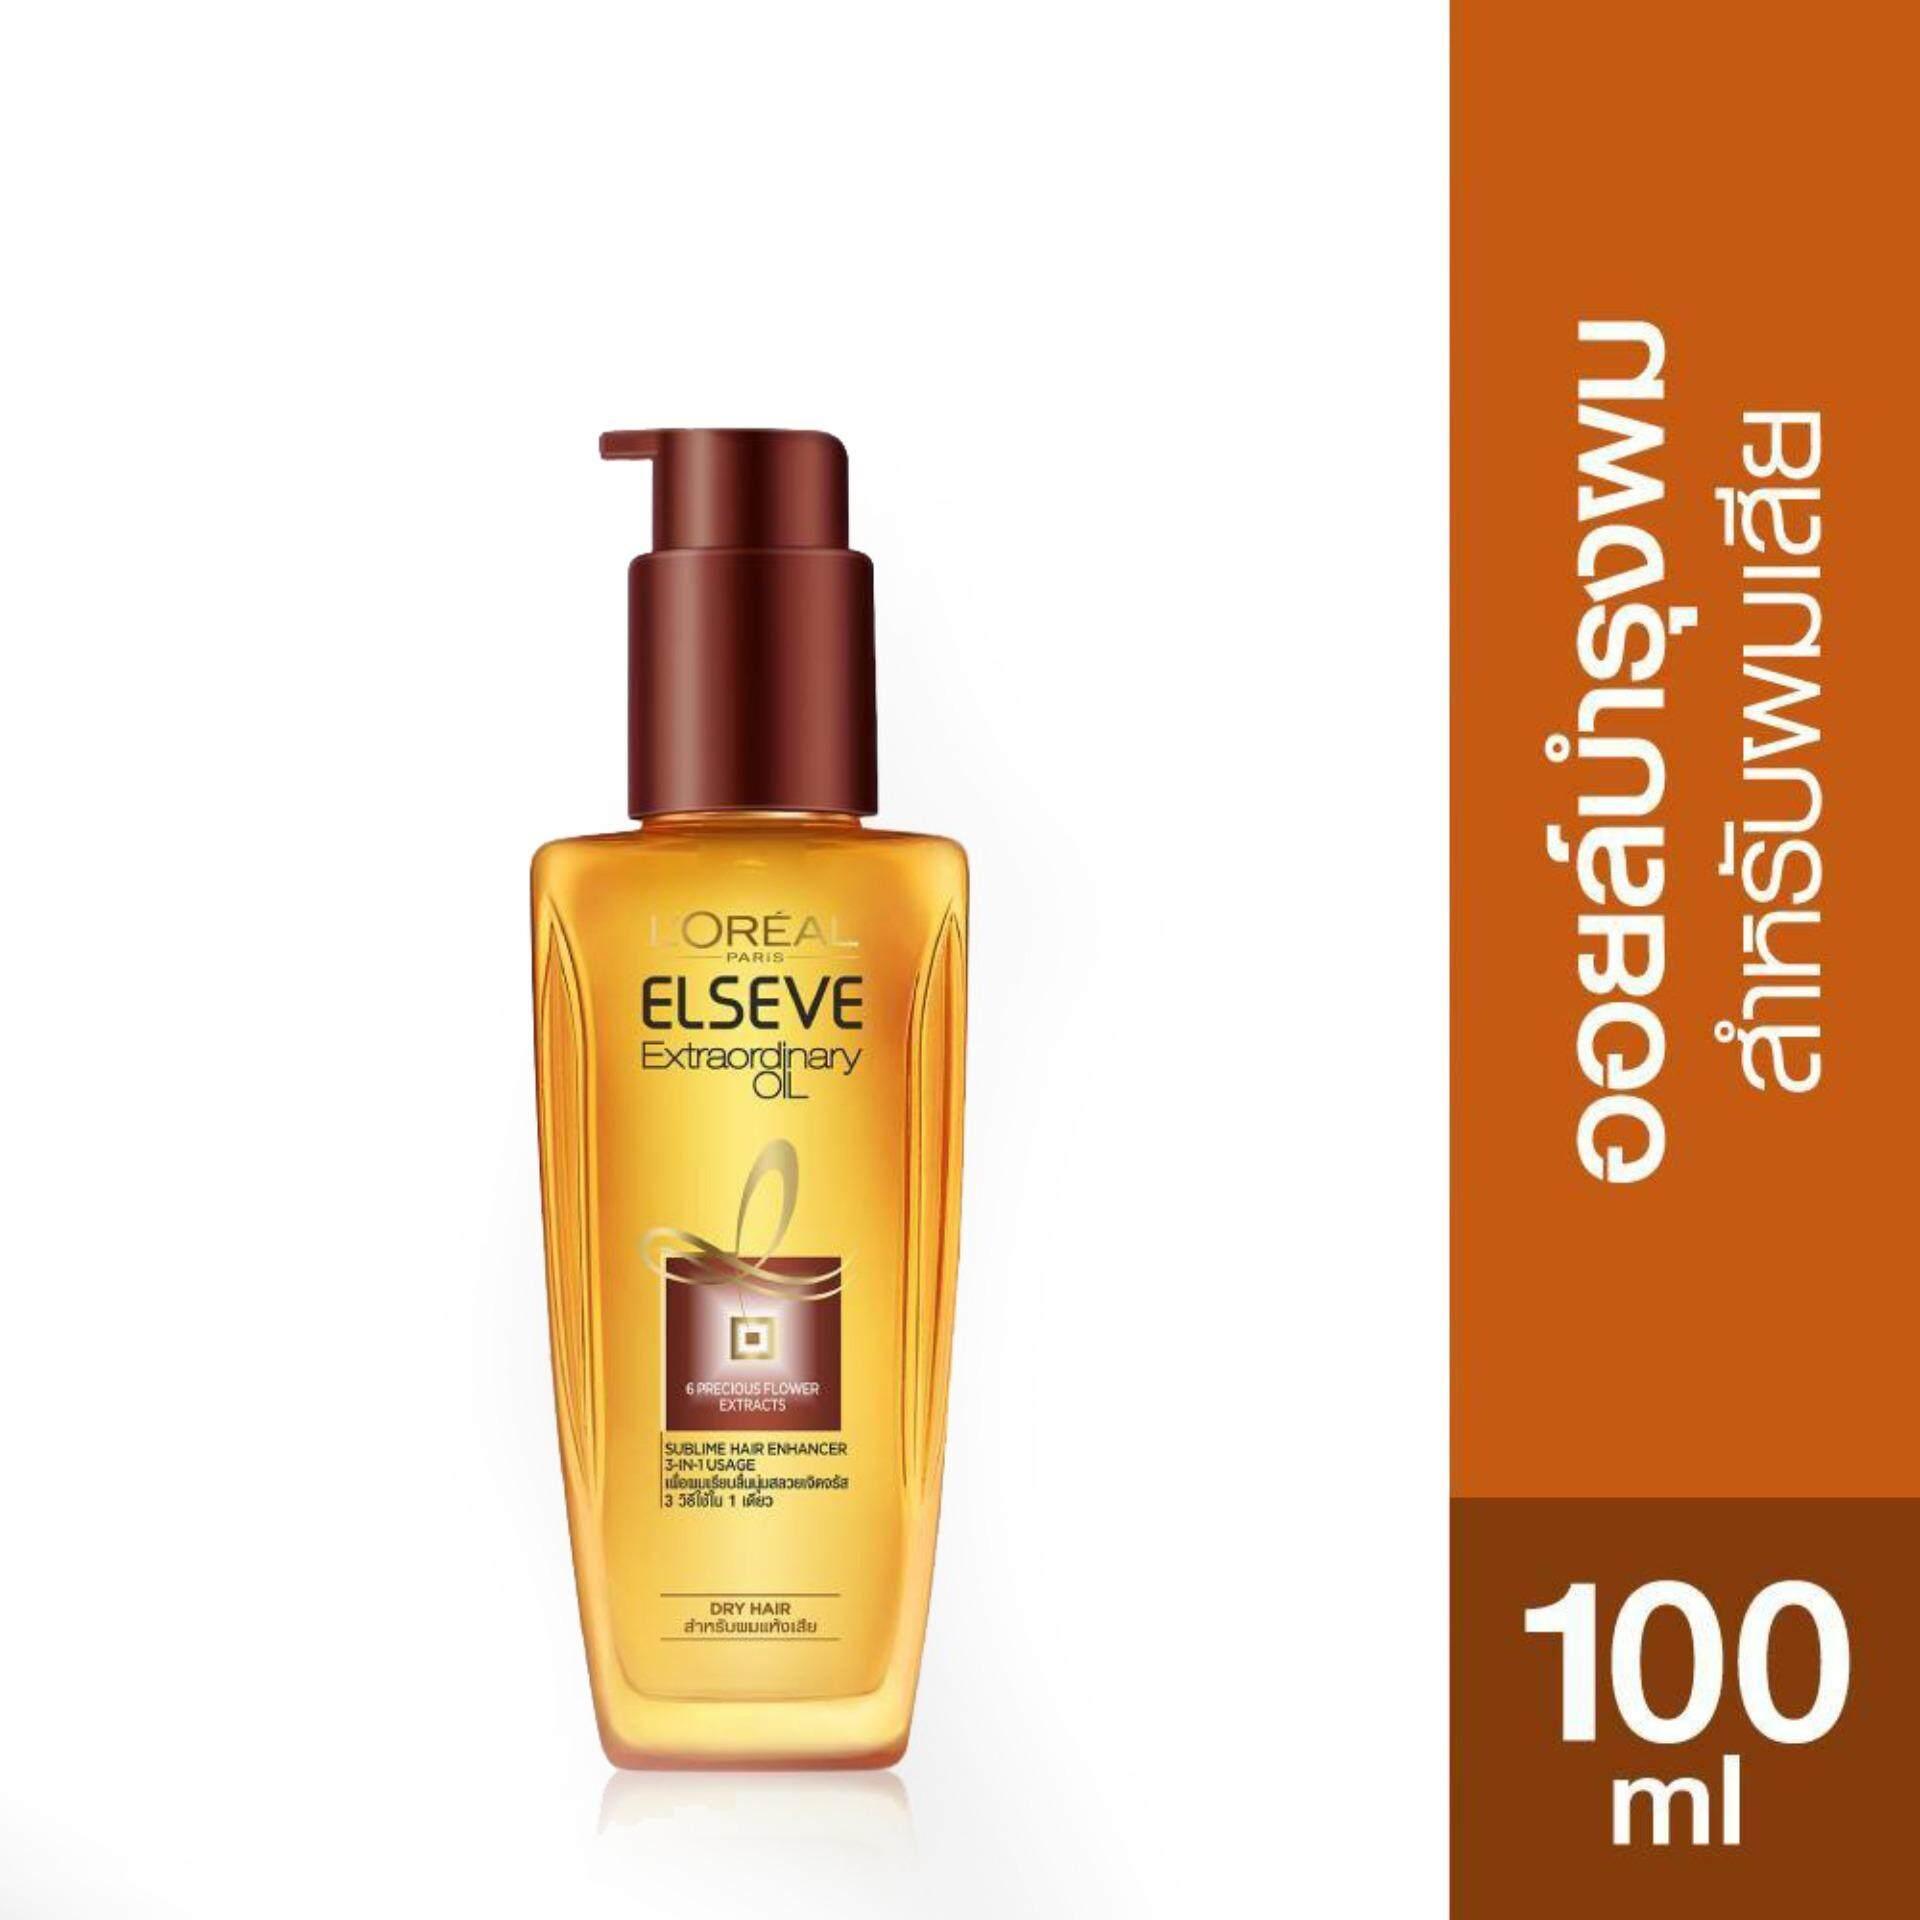 ลอรีอัล ปารีส เอ็กซ์ตรอว์ดินารี่ ออยล์ ผลิตภัณฑ์บำรุงเส้นผมสำหรับผมแห้งเสีย 100 มล. Loreal Paris Elseve Extraordinary Oil Dry Hair 100 Ml.